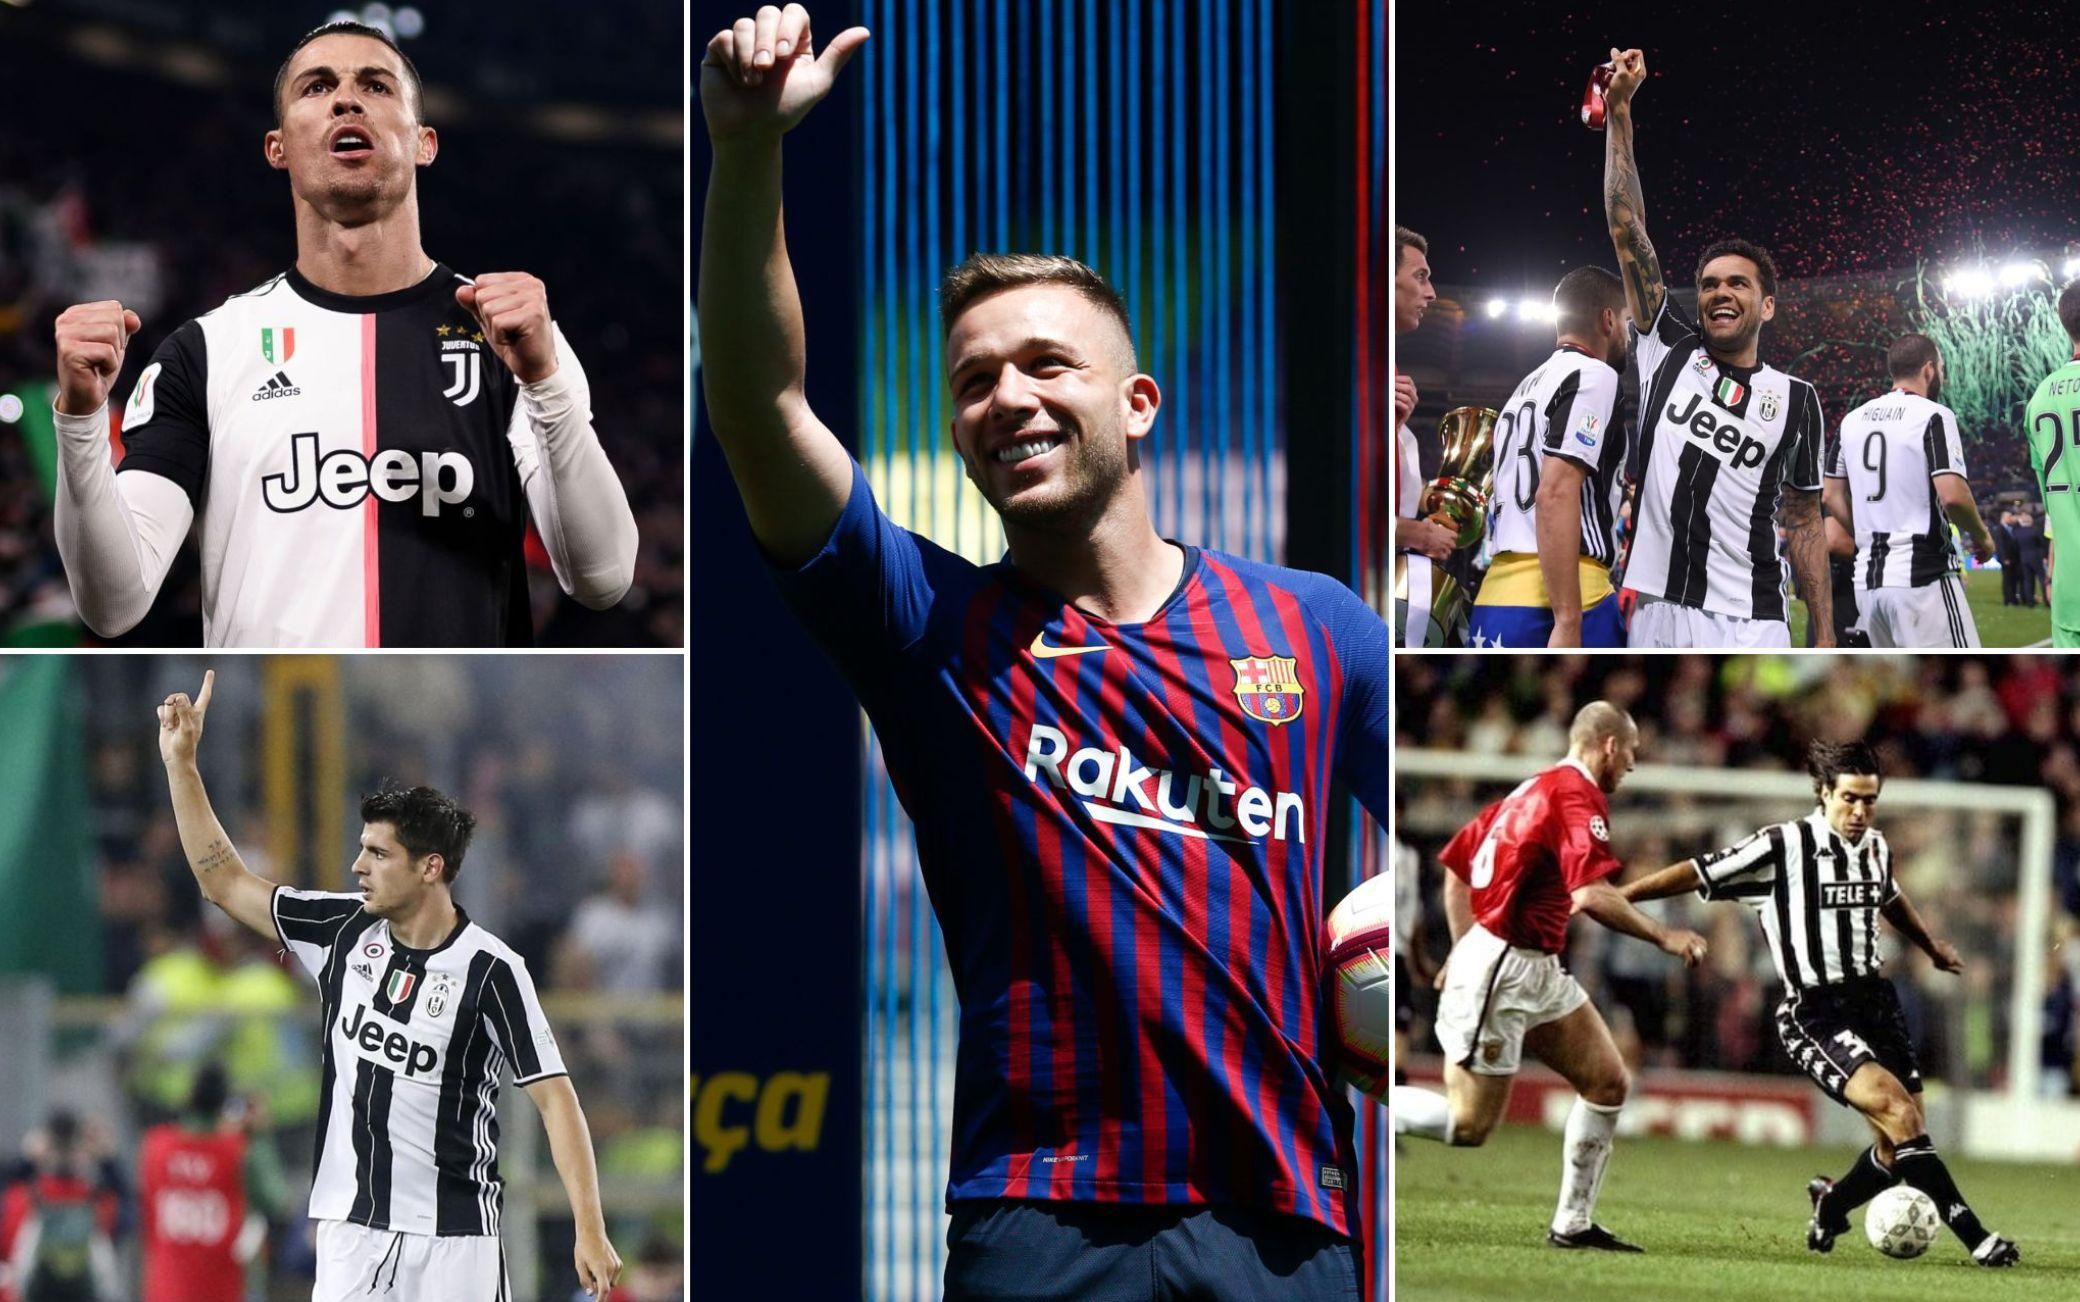 Calciomercato Gli Acquisti Della Juve Dalla Liga Arthur Sara Il Prossimo Sky Sport